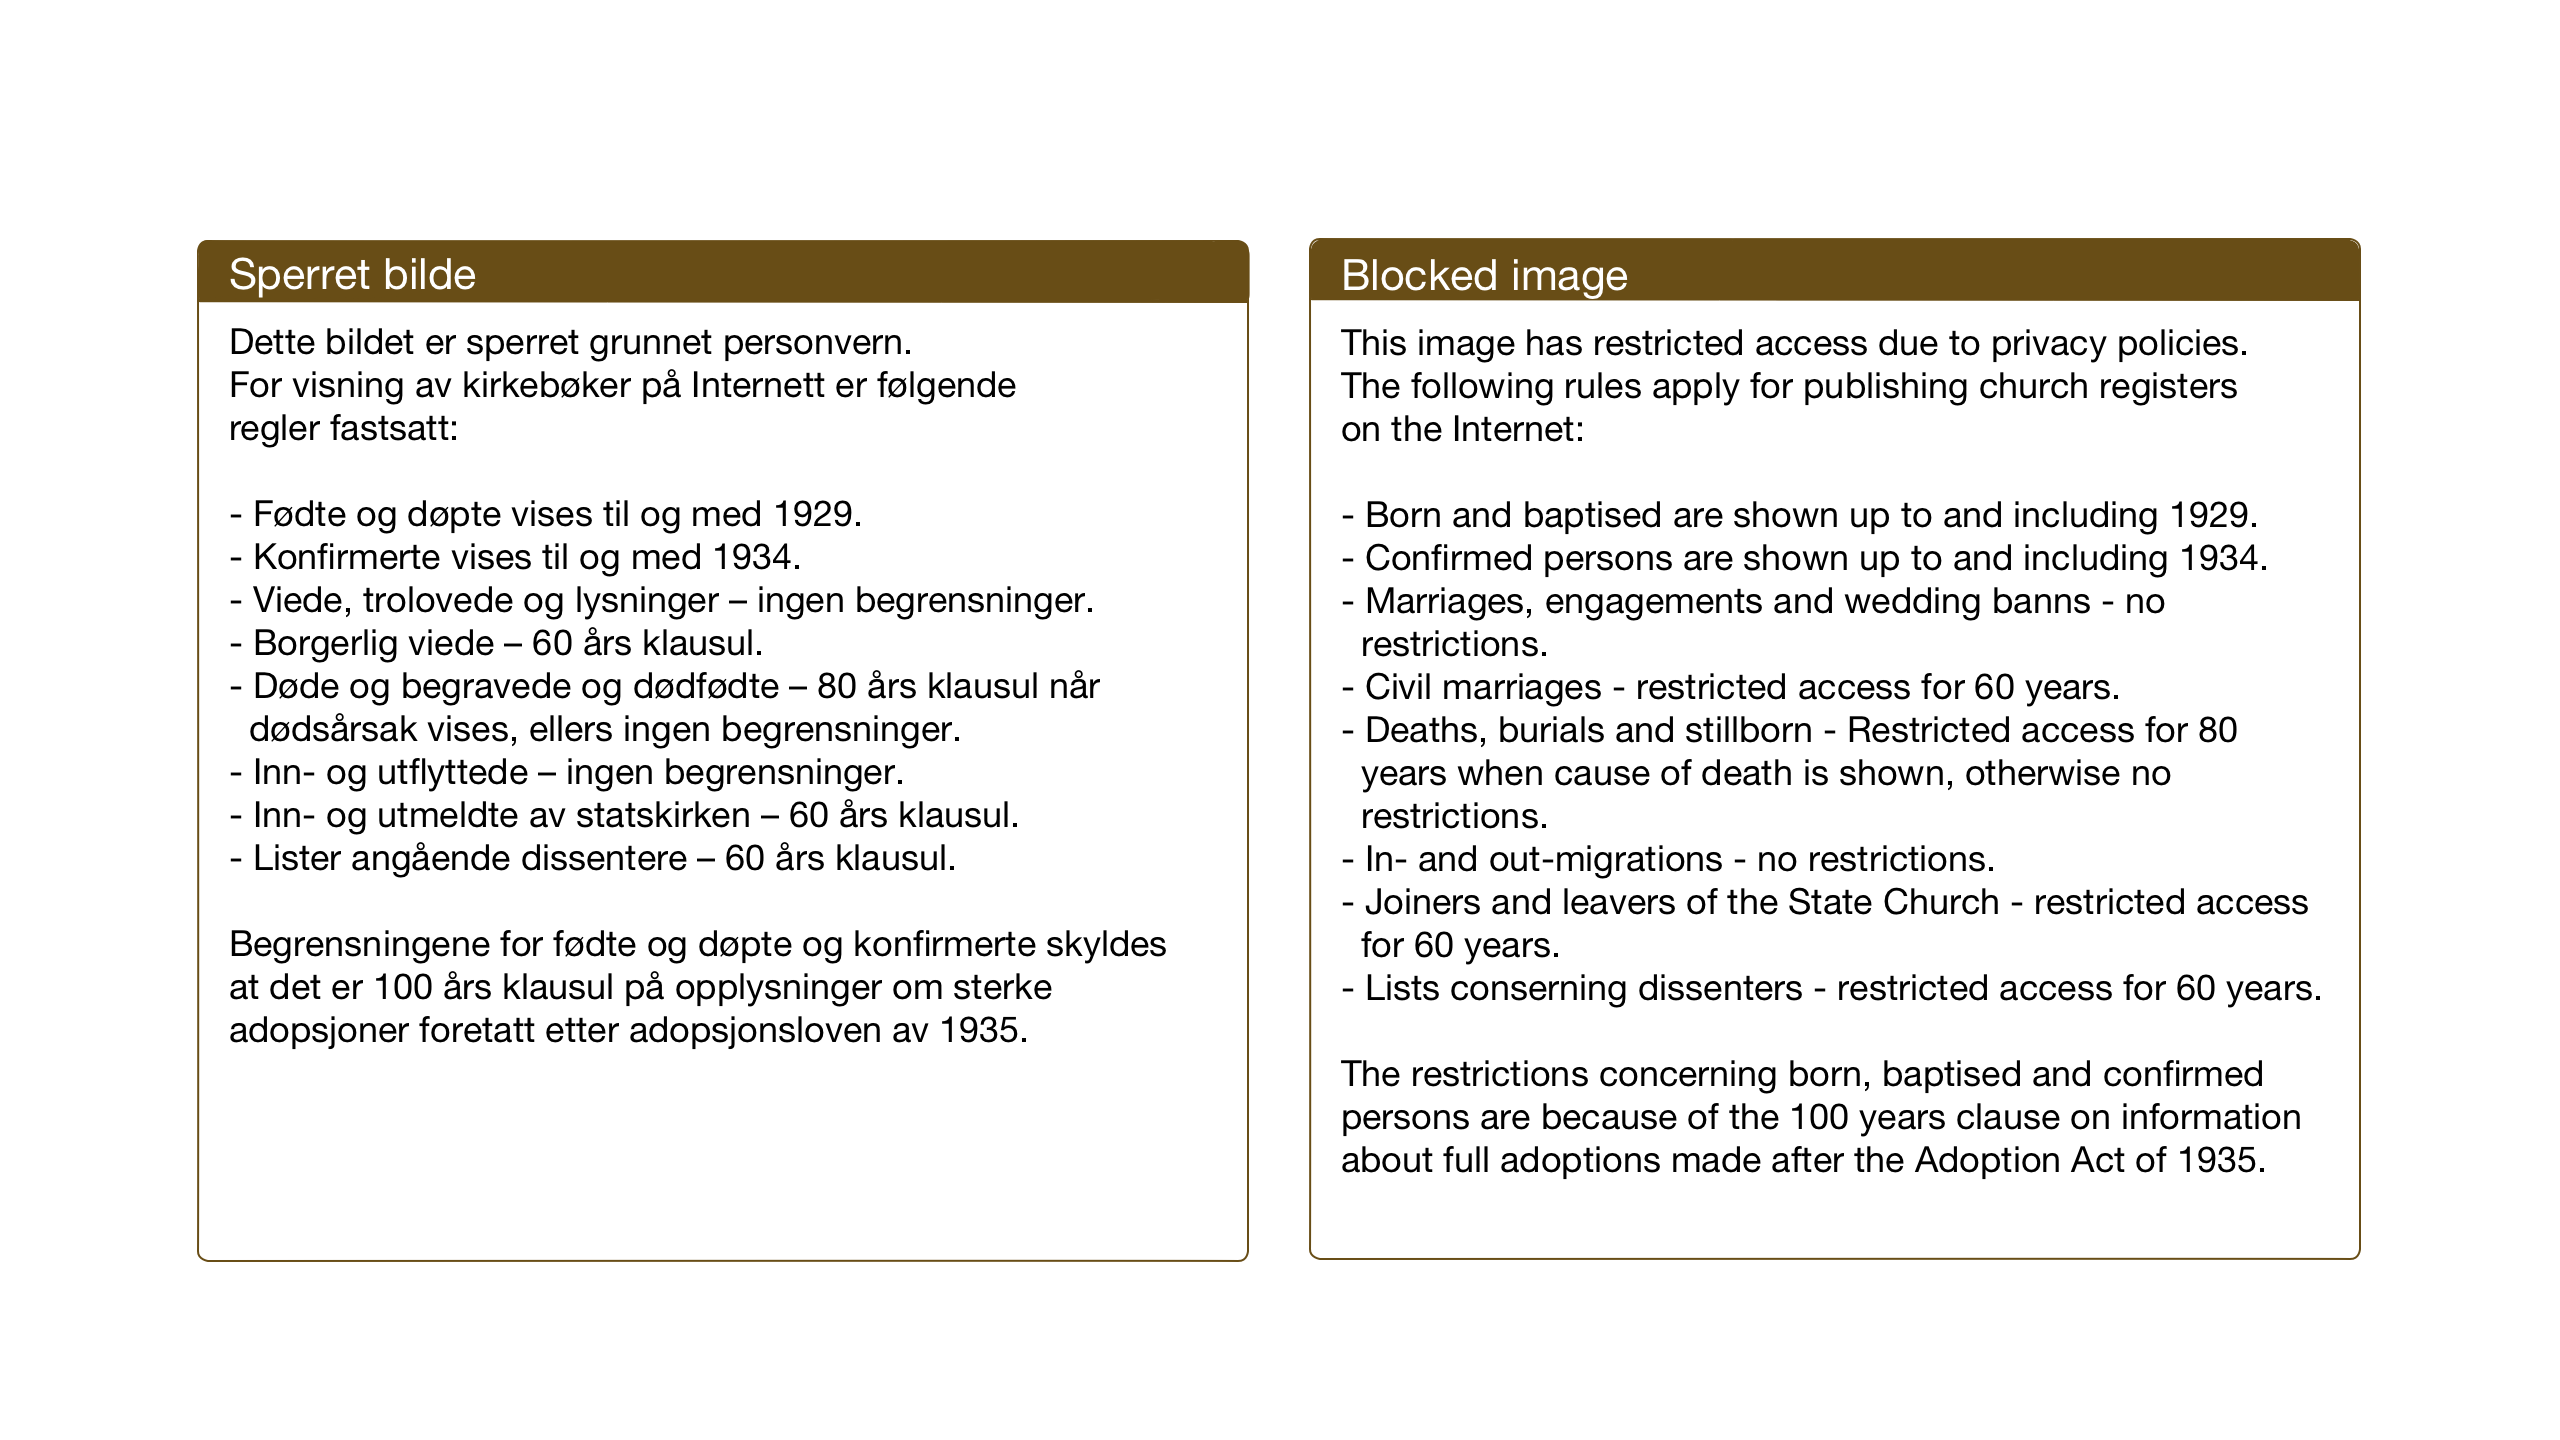 SAT, Ministerialprotokoller, klokkerbøker og fødselsregistre - Nord-Trøndelag, 773/L0625: Klokkerbok nr. 773C01, 1910-1952, s. 232